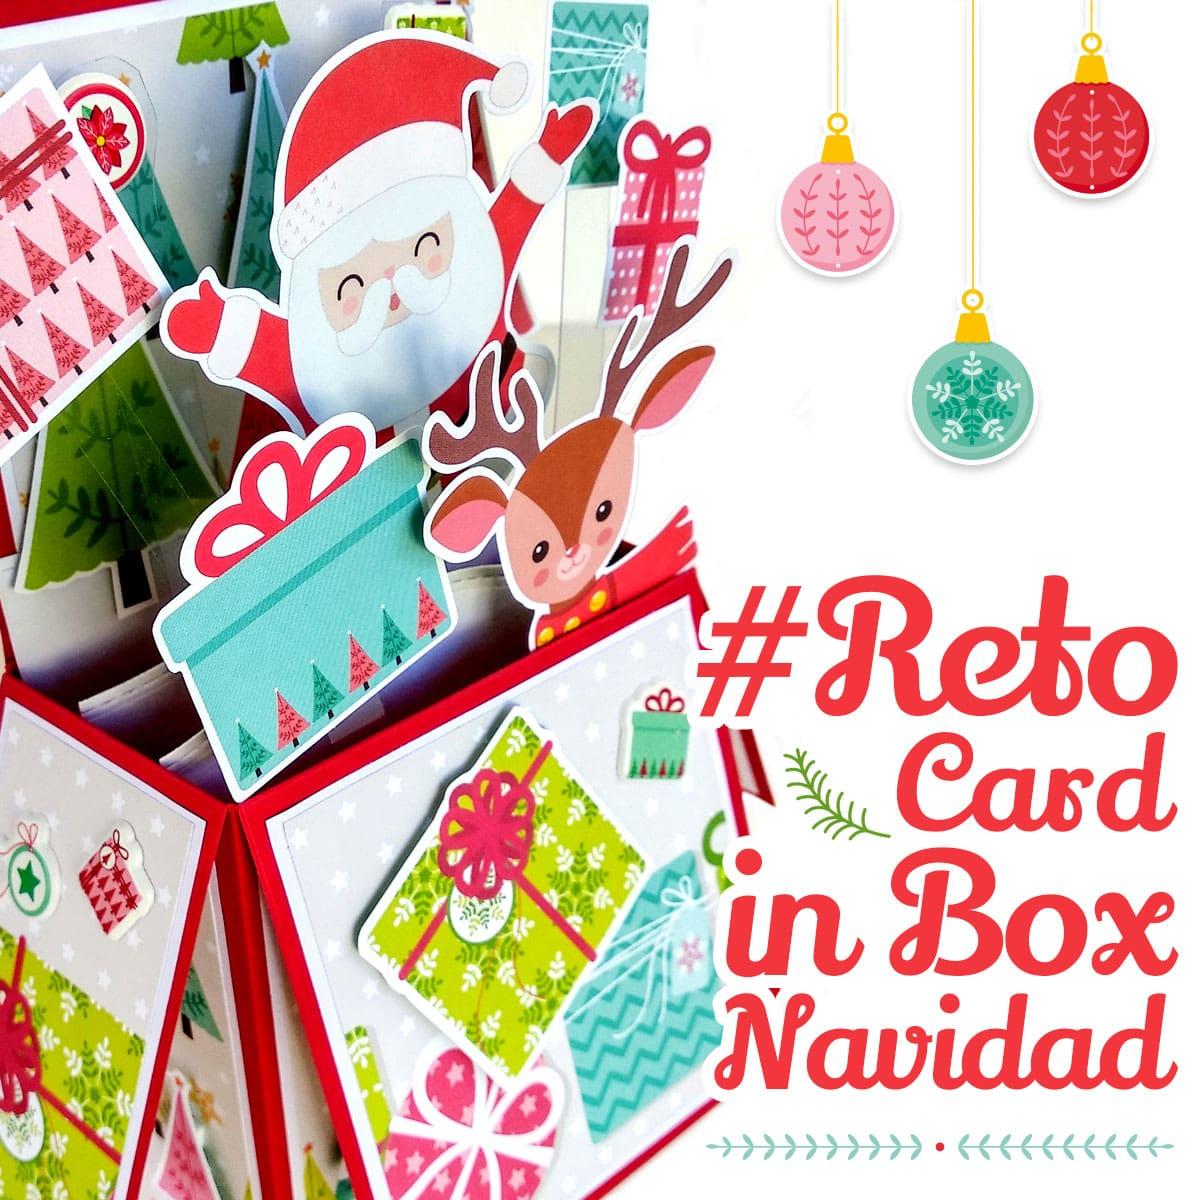 reto tarjetero card in box navidad